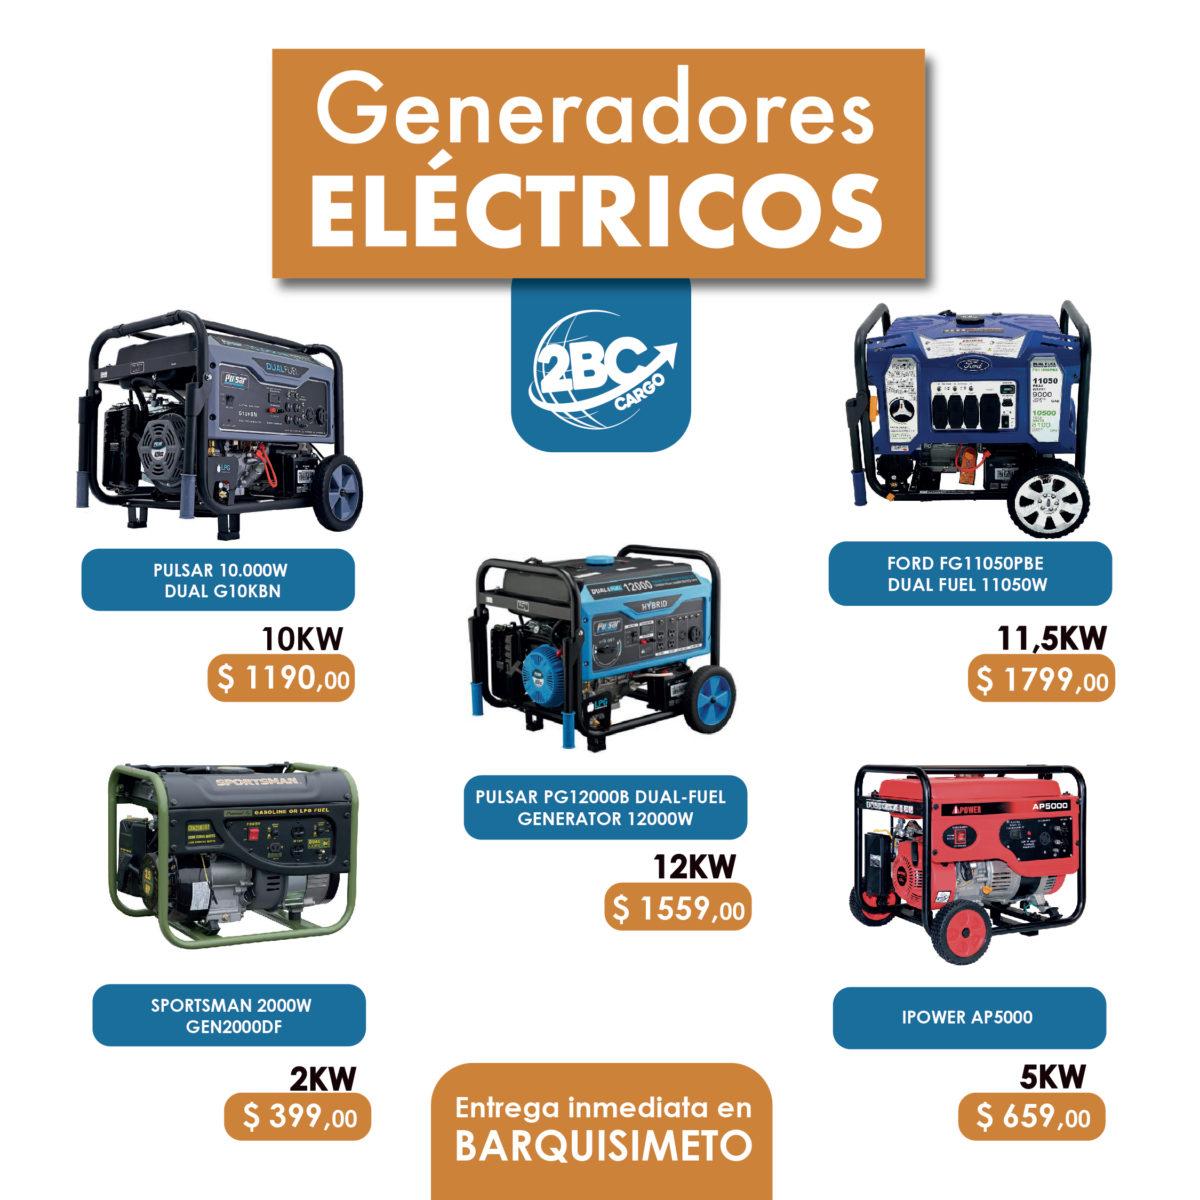 promo-generadores-1200x1200.jpg